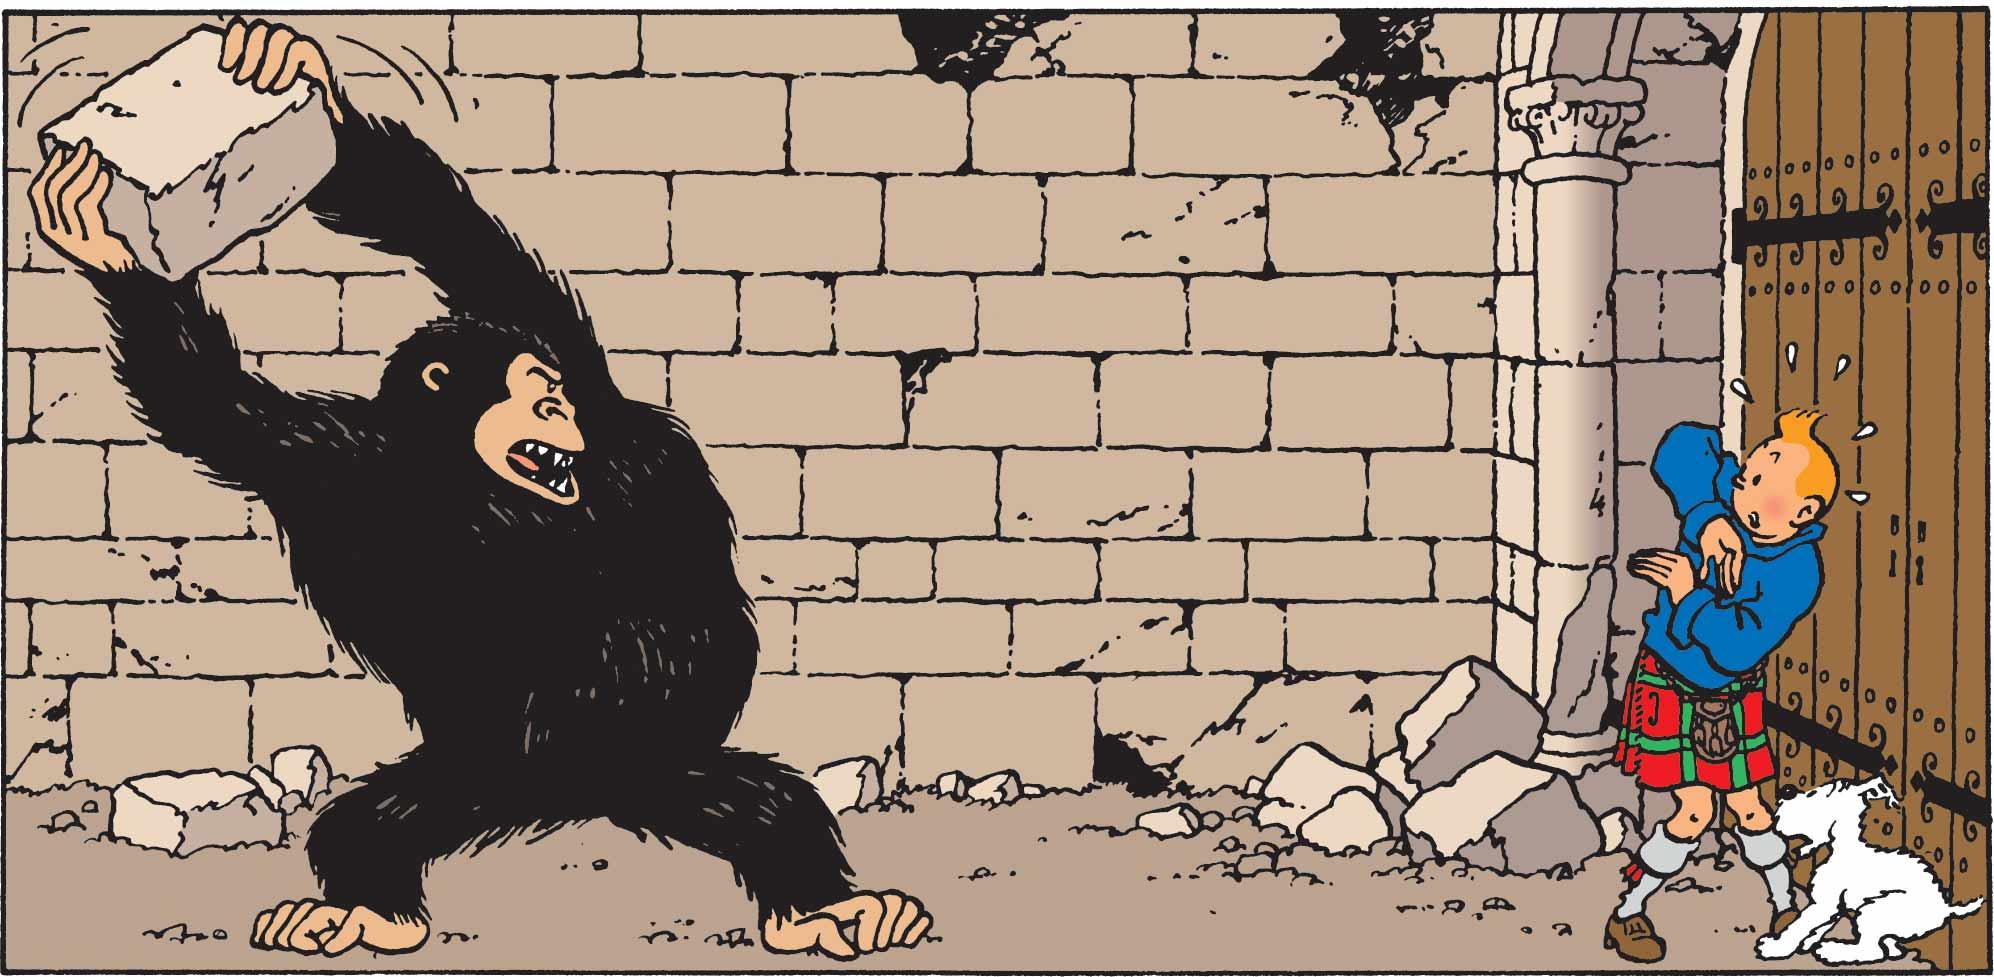 Tintin - Les Aventures de Tintin - Personnage Gorille Ranko